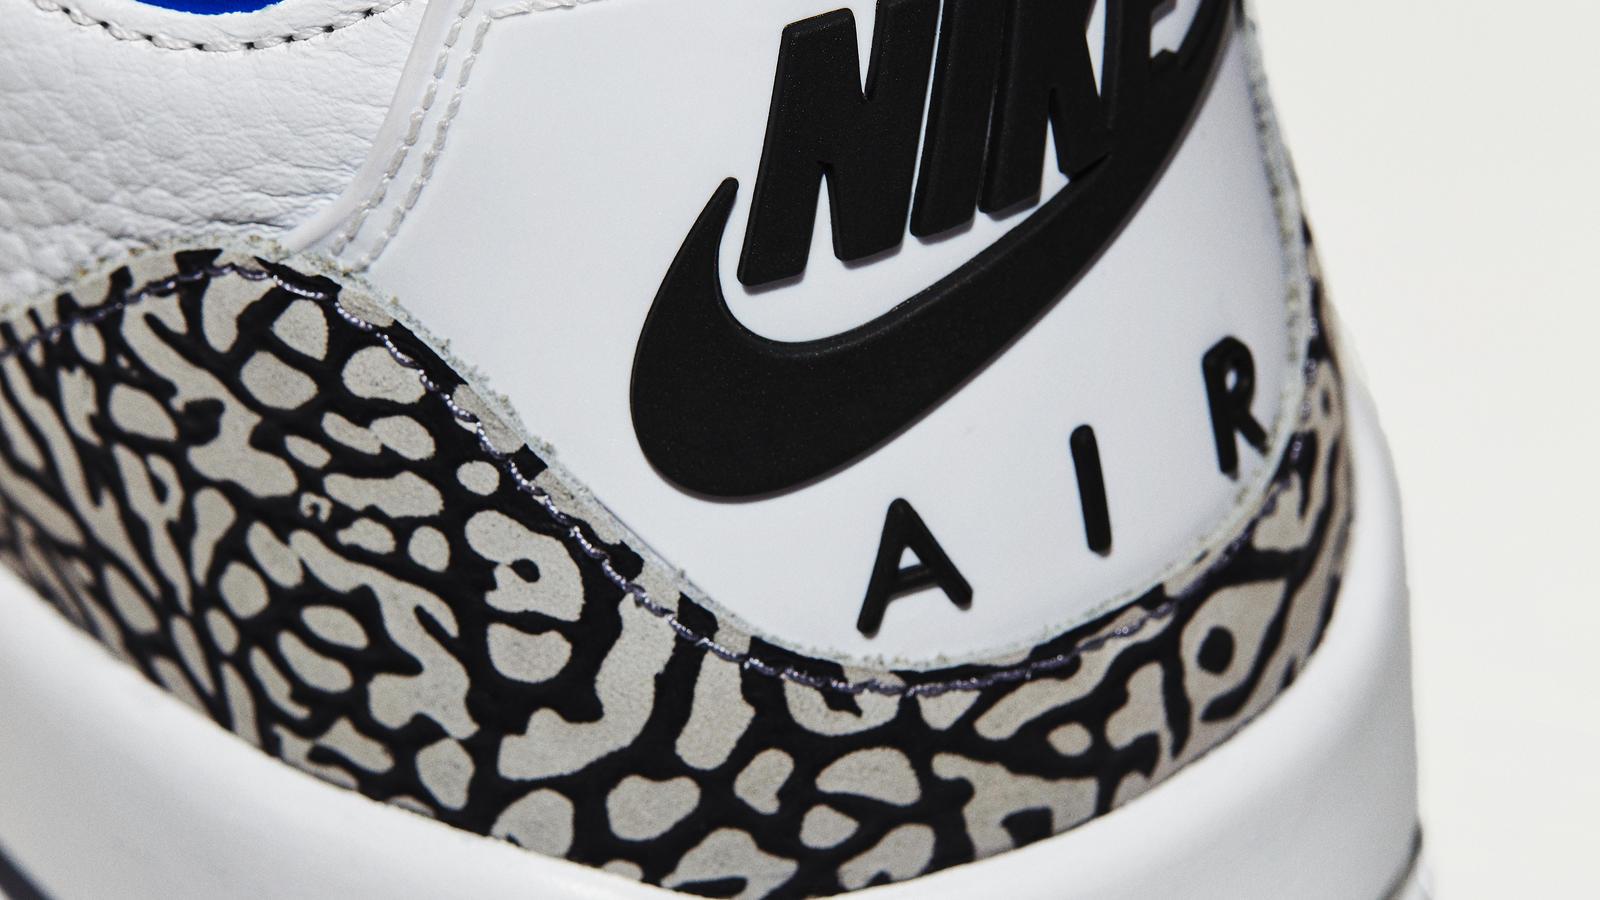 c1c3aa14ef04a8 Air Jordan III Seoul - Nike News